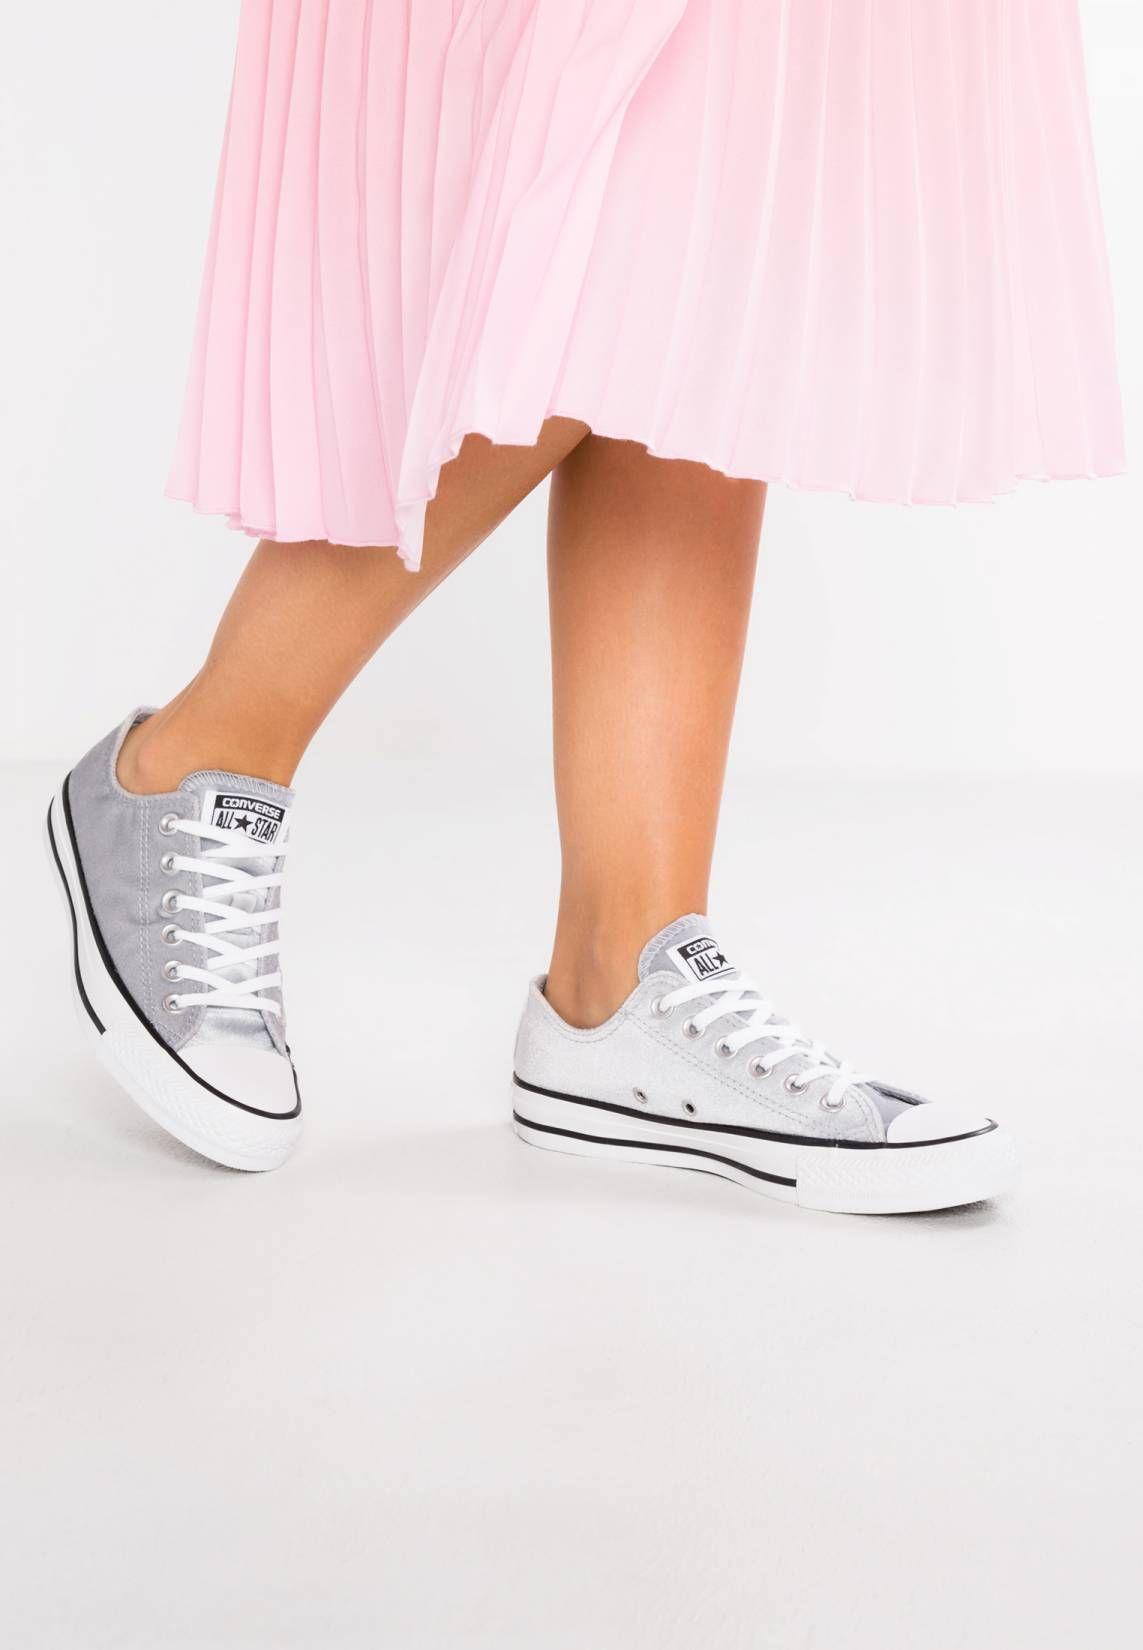 Lukpol Herren Bequeme Sandalen Schuhe mit der Orthopadischen Einlage Aus Echtem Buffelleder Hausschuhe Modell 812 B01NBYVDNZ